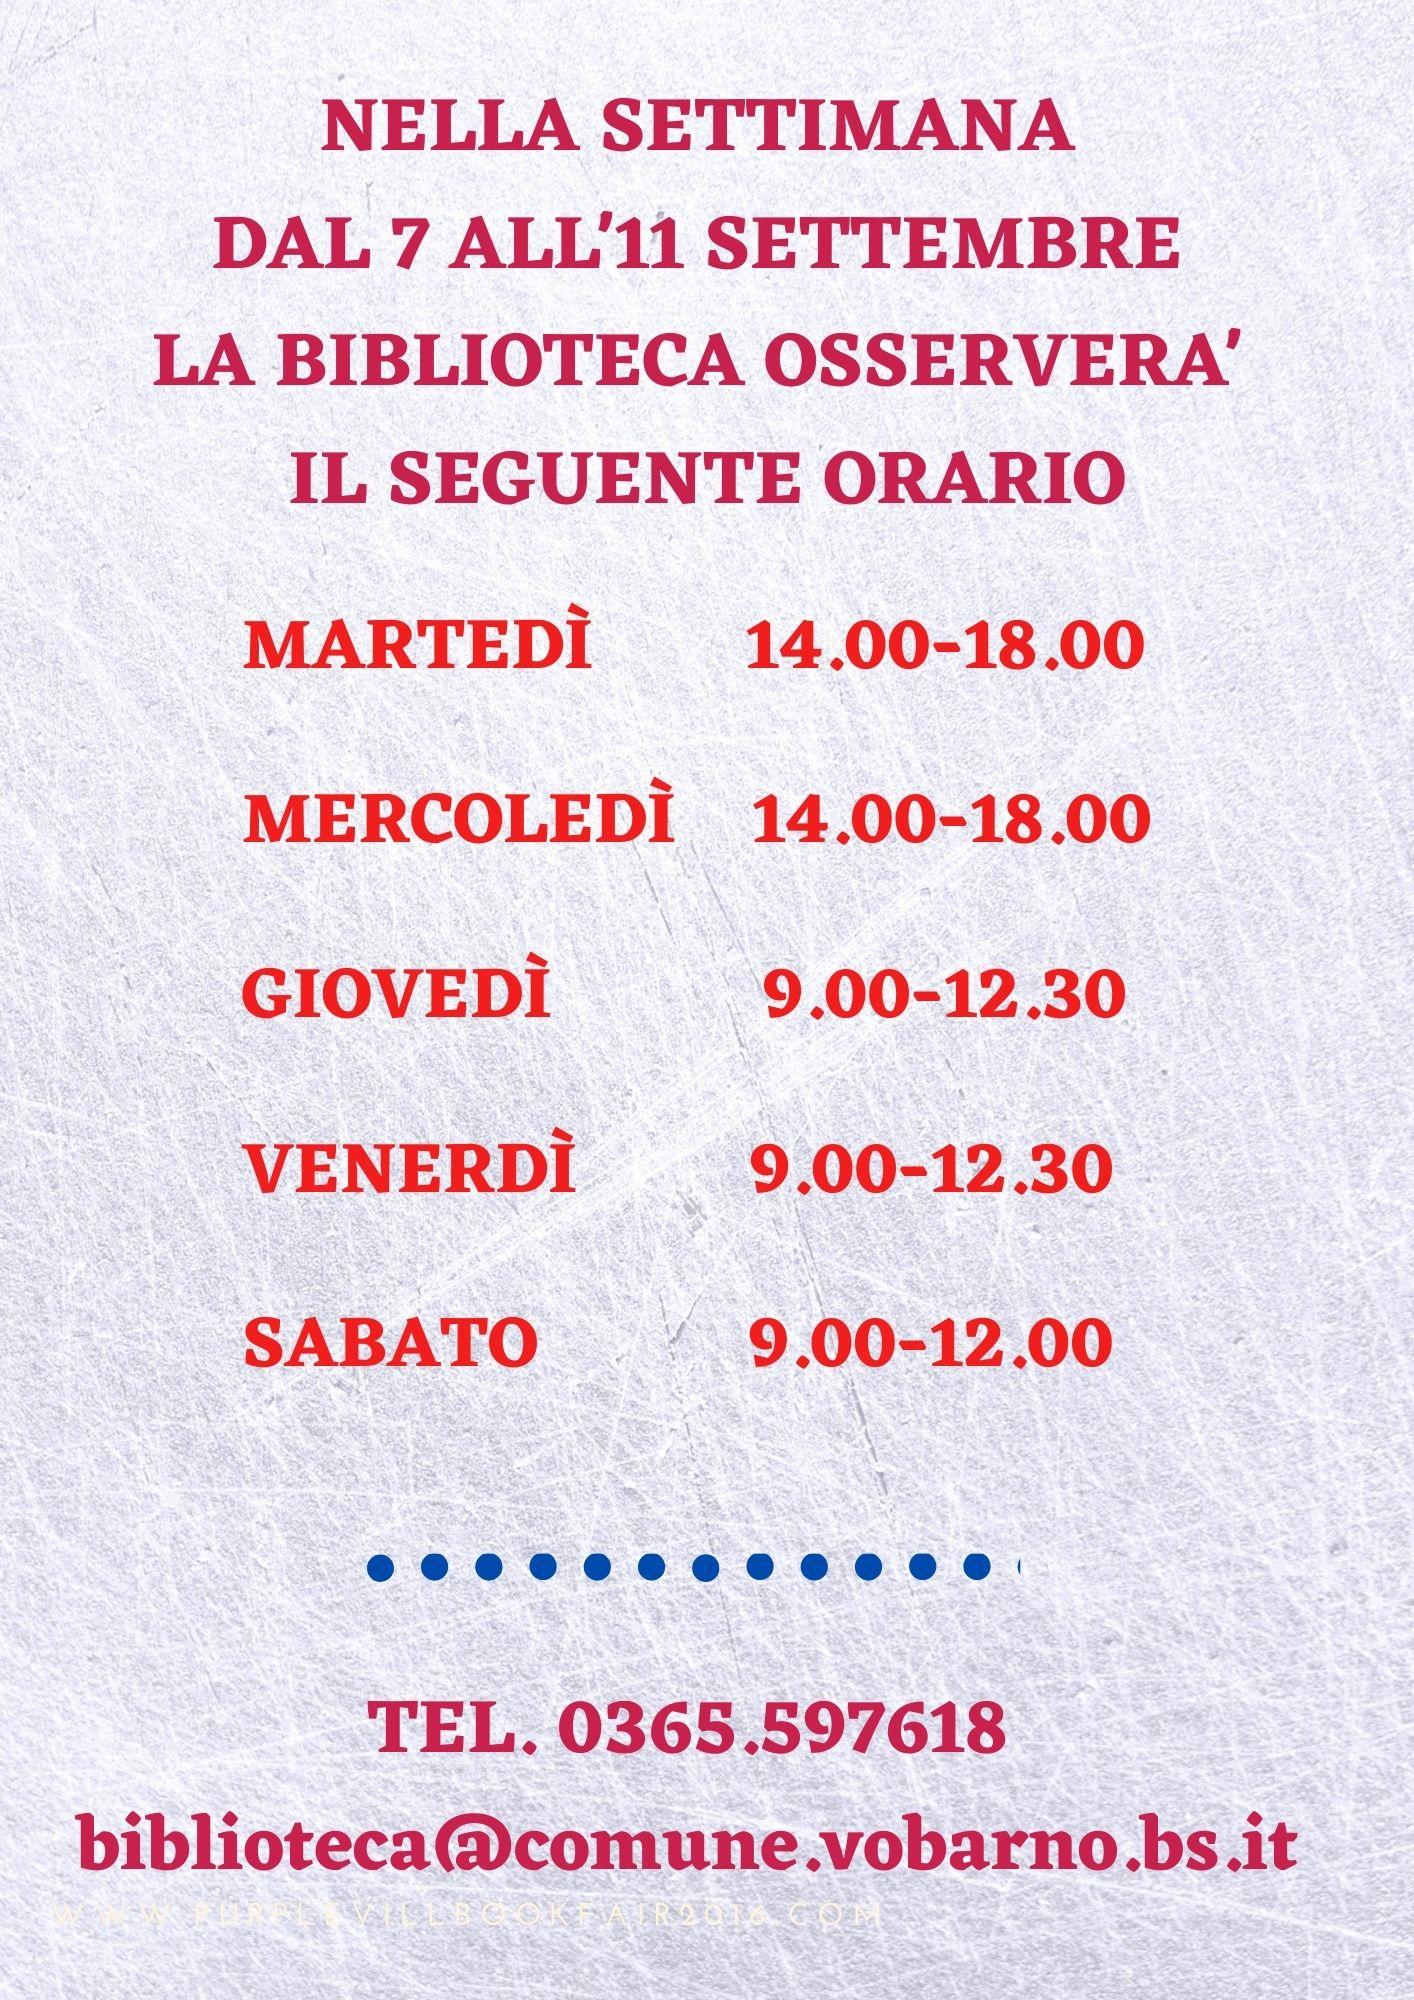 ORARIO RIDOTTO DELLA BIBLIOTECA COMUNALE nella settimana dal 7 all'11 settembre 2021